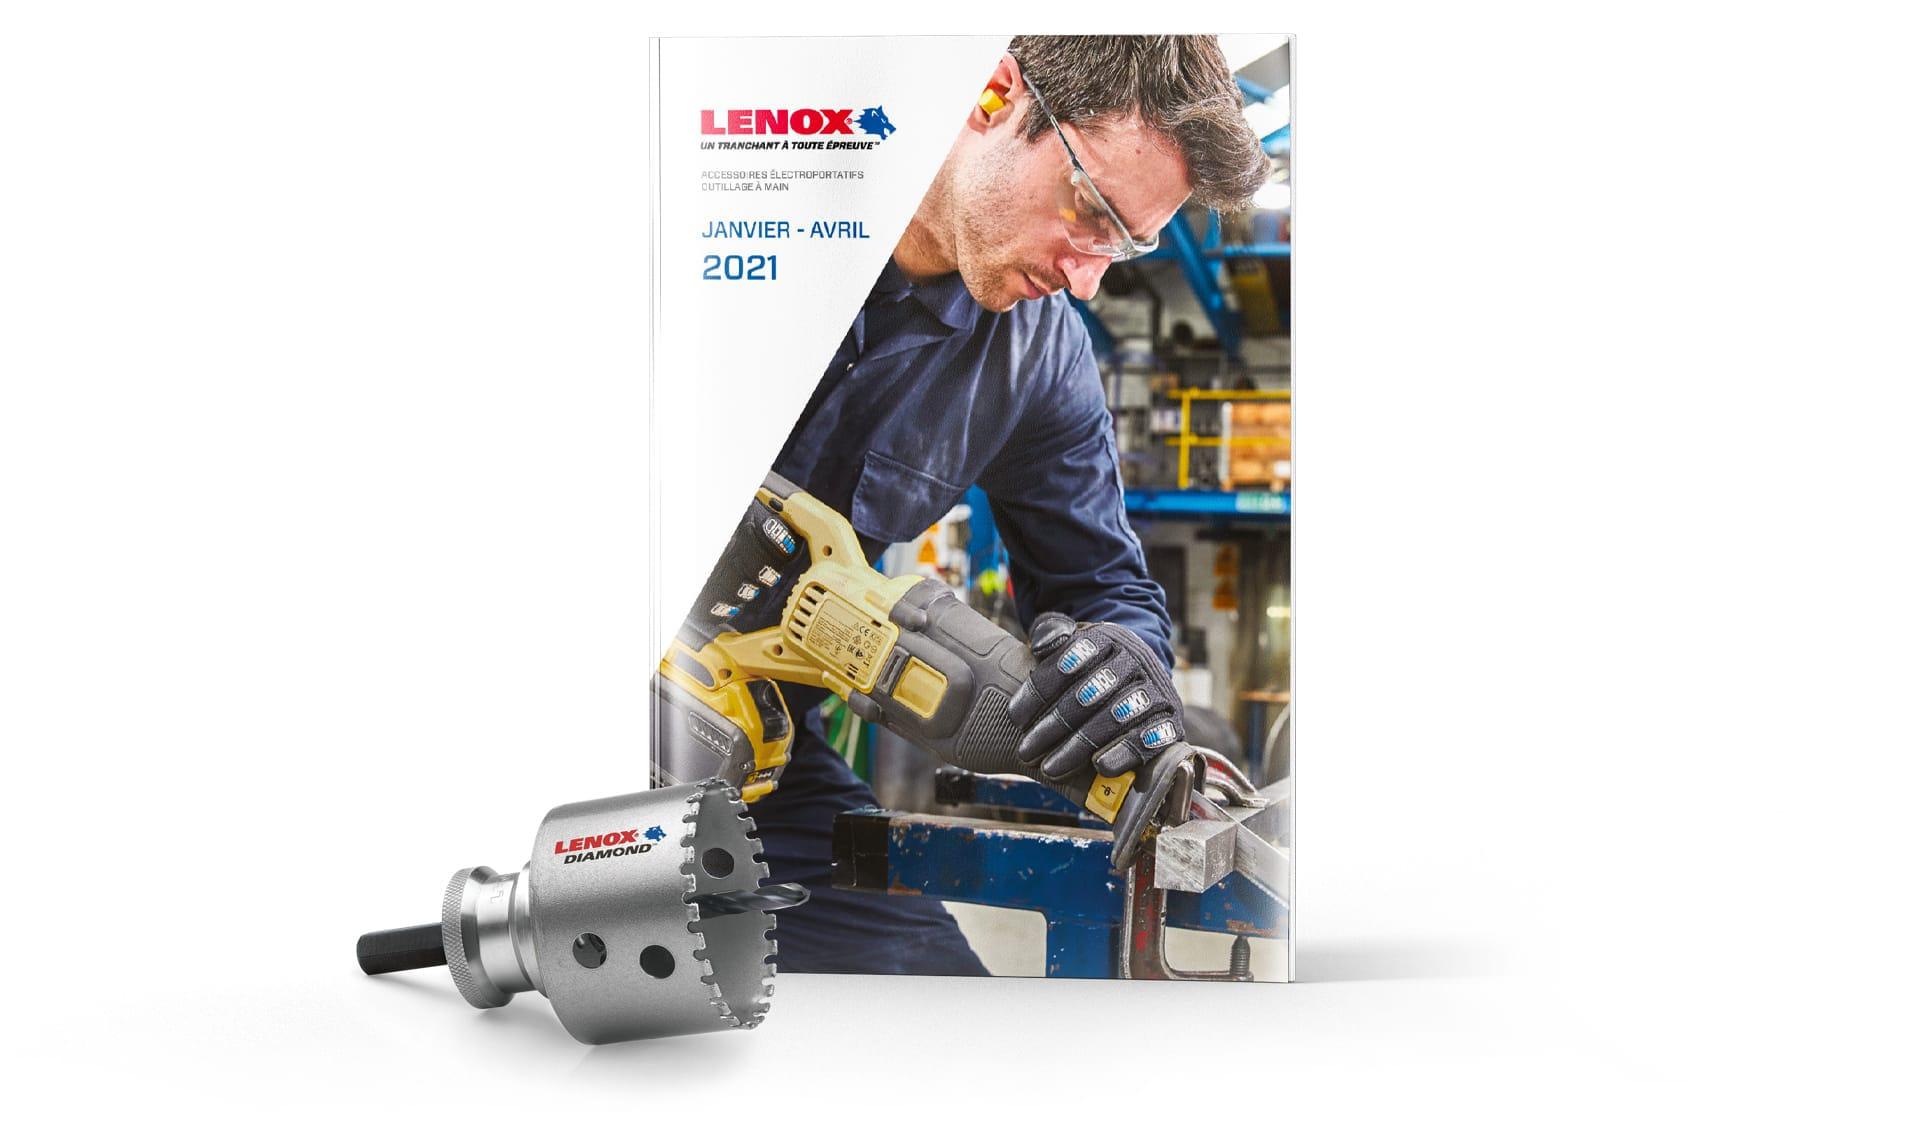 lenox-tool-mag